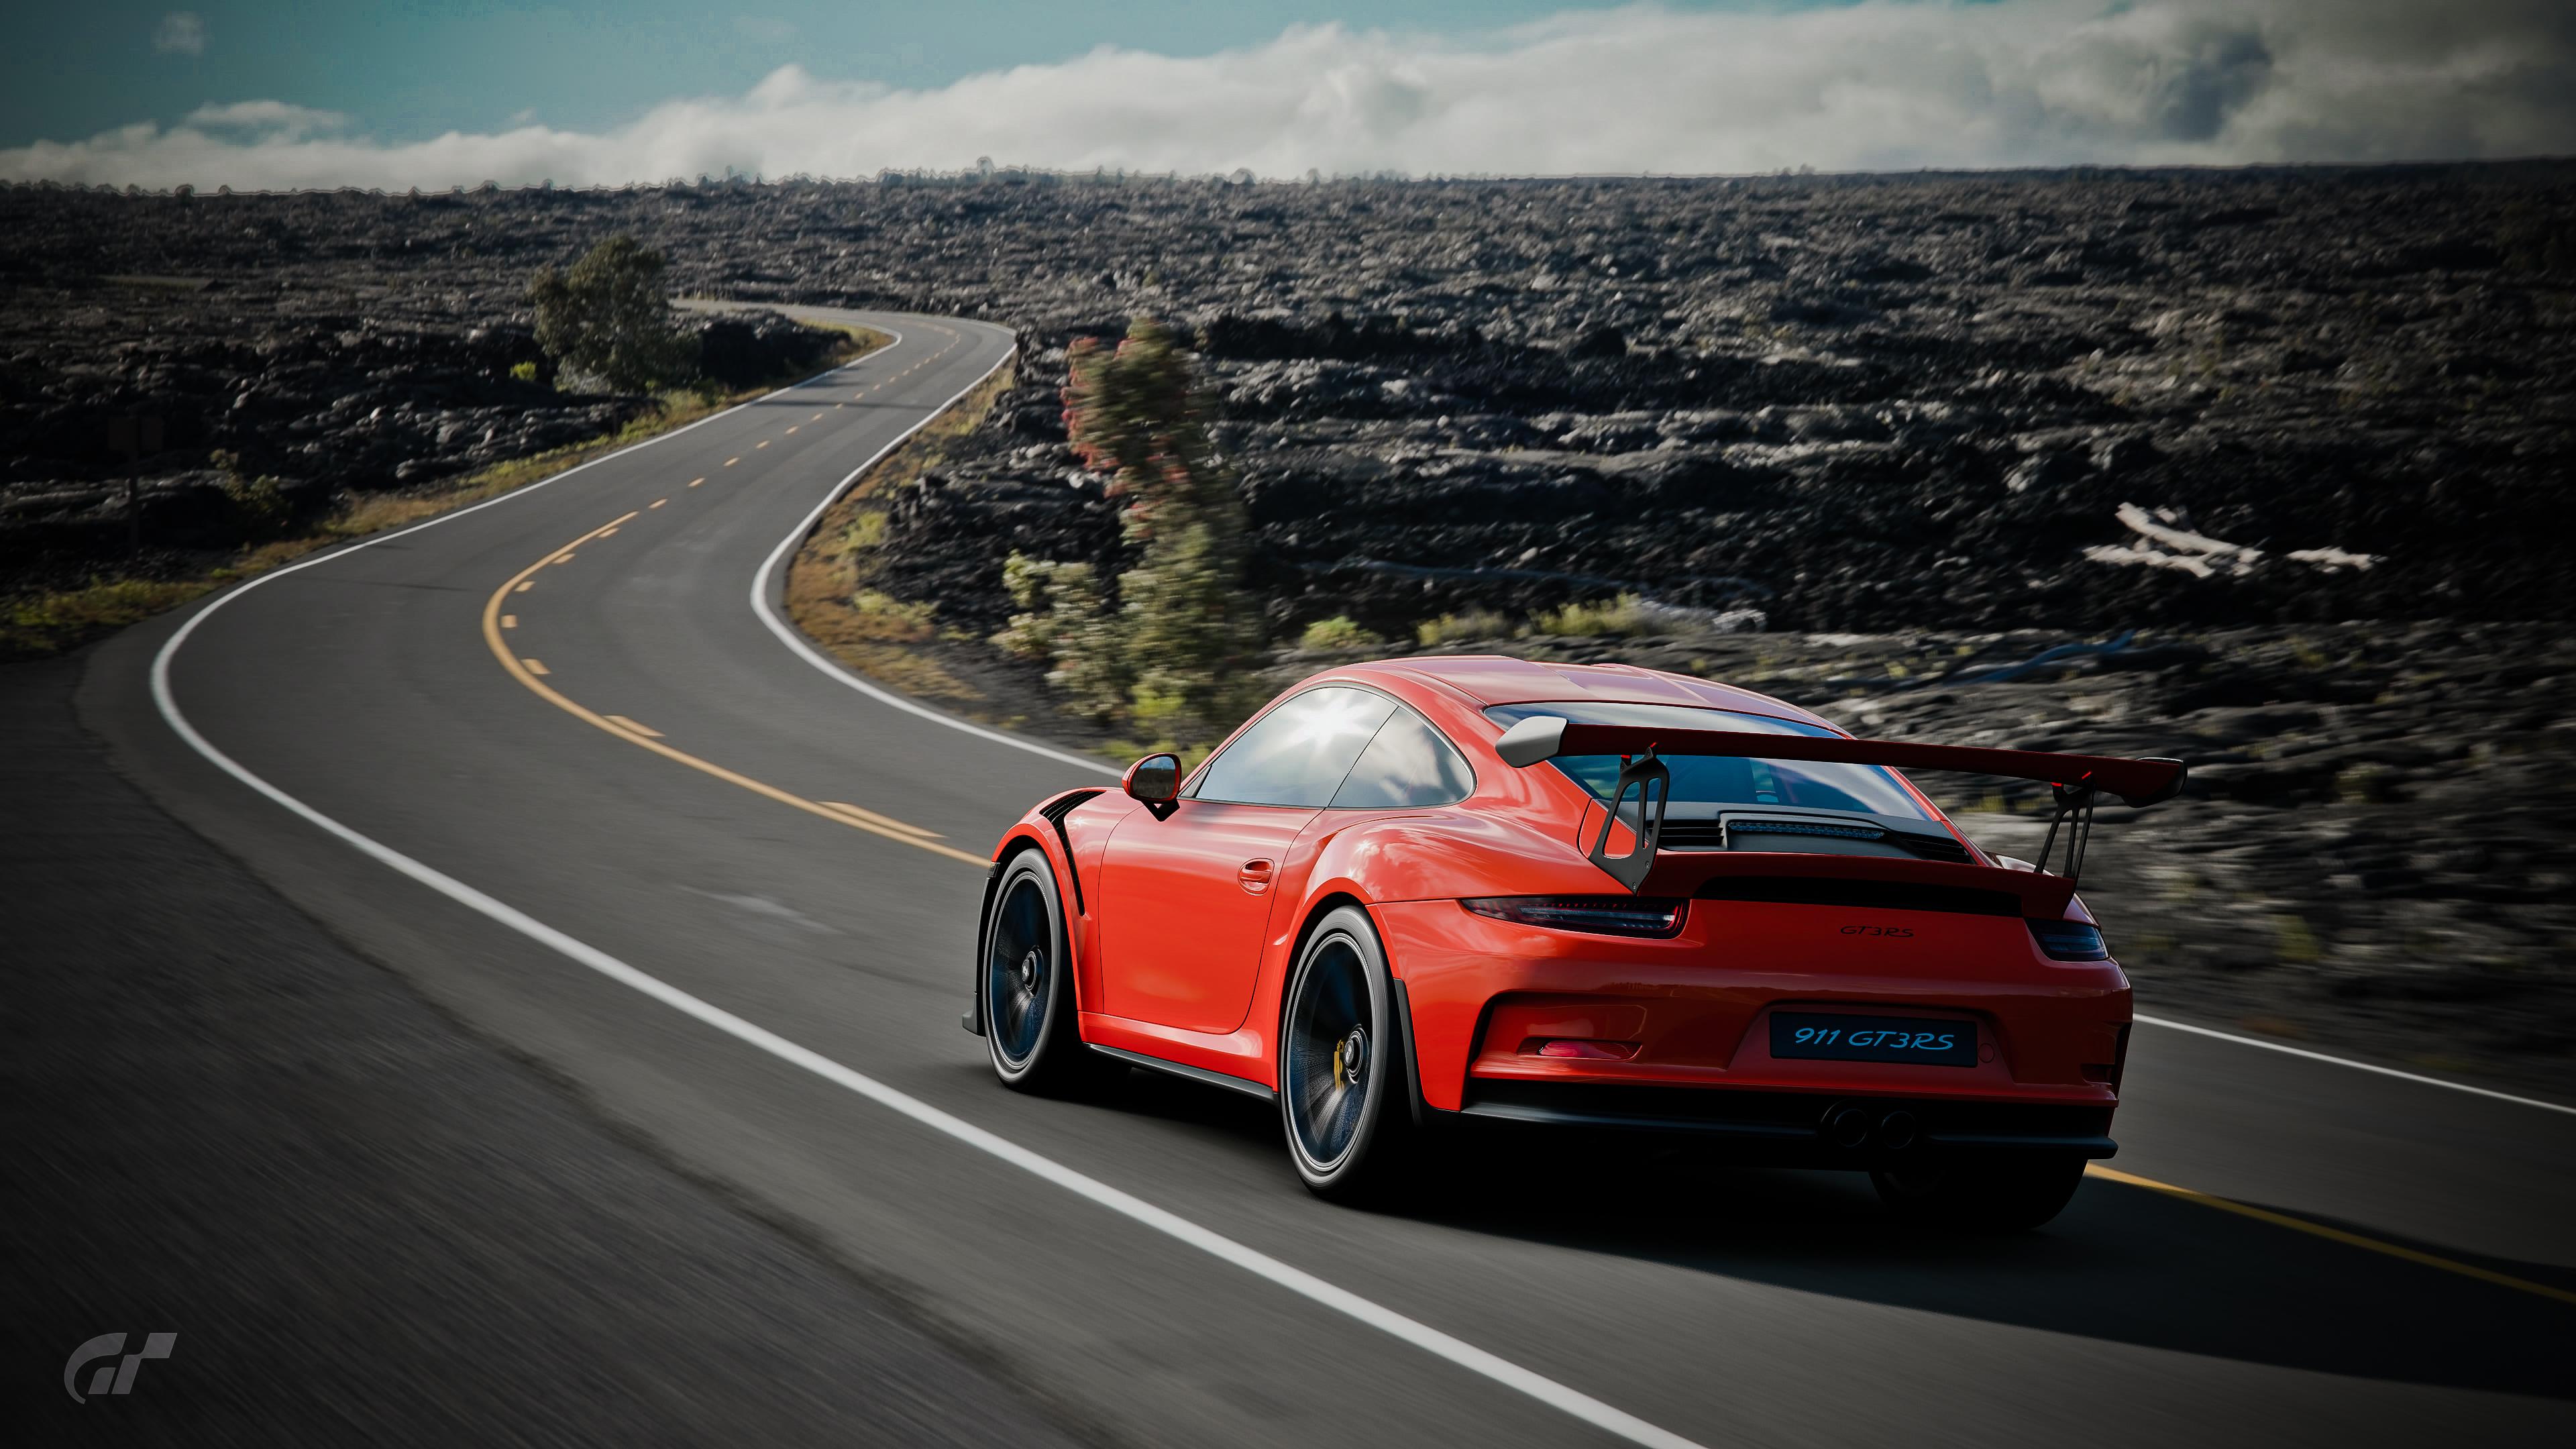 Sport Wallpaper Porsche 911: Porsche 911 GT3 RS Gran Turism Sport, HD Games, 4k